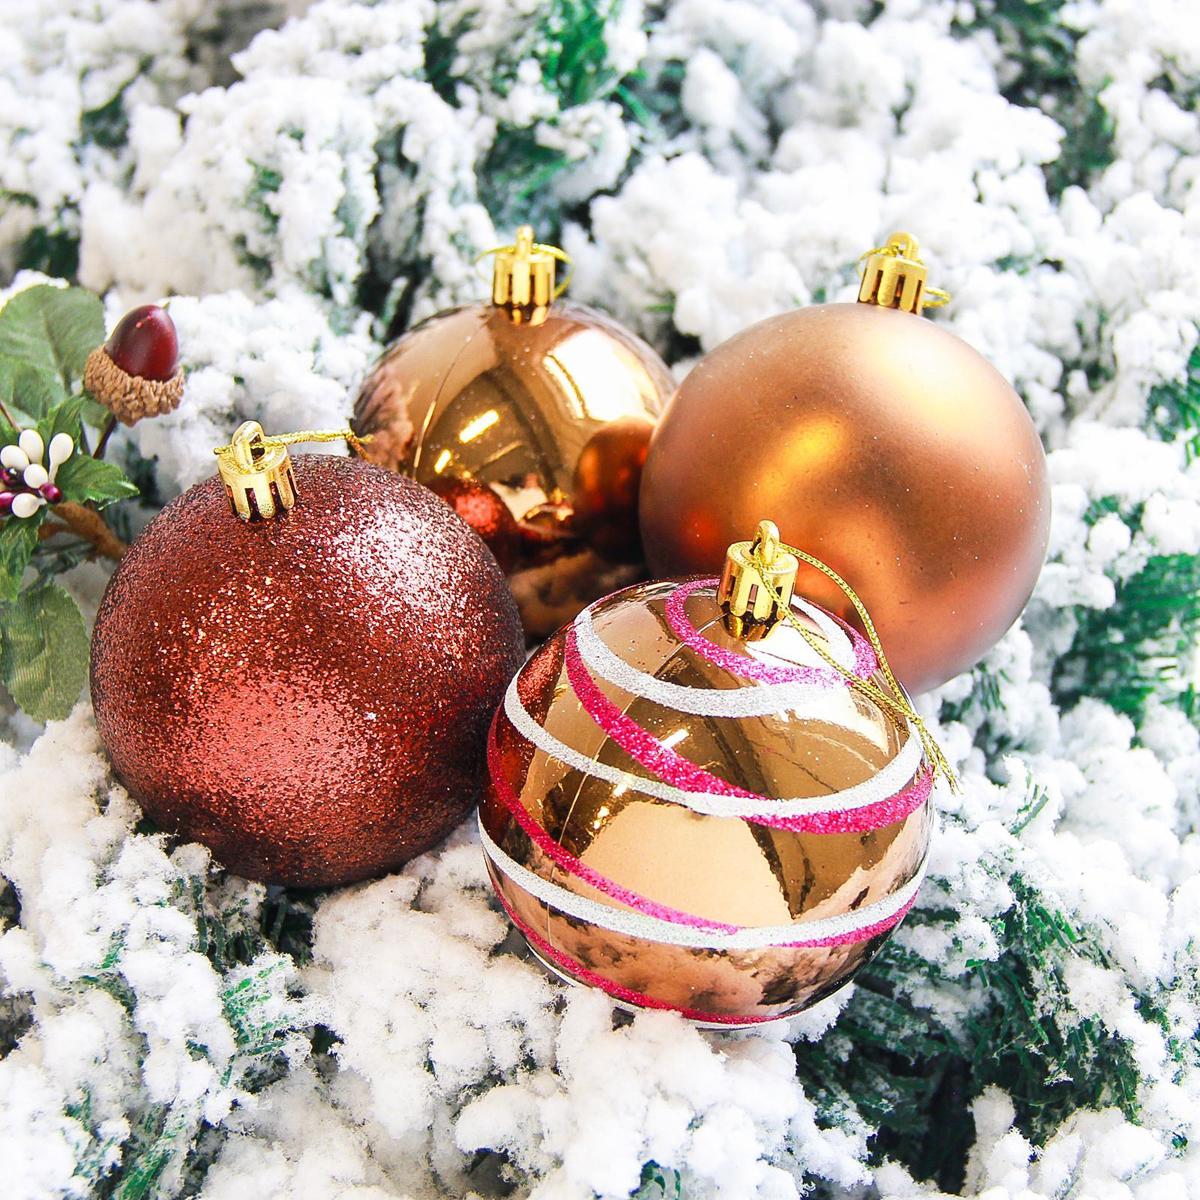 Набор новогодних подвесных украшений Sima-land Орион, цвет: шоколадный, диаметр 8 см, 6 шт2178282Набор новогодних подвесных украшений Sima-land отлично подойдет для декорации вашего дома и новогодней ели. С помощью специальной петельки украшение можно повесить в любом понравившемся вам месте. Но, конечно, удачнее всего оно будет смотреться на праздничной елке. Елочная игрушка - символ Нового года. Она несет в себе волшебство и красоту праздника. Создайте в своем доме атмосферу веселья и радости, украшая новогоднюю елку нарядными игрушками, которые будут из года в год накапливать теплоту воспоминаний.